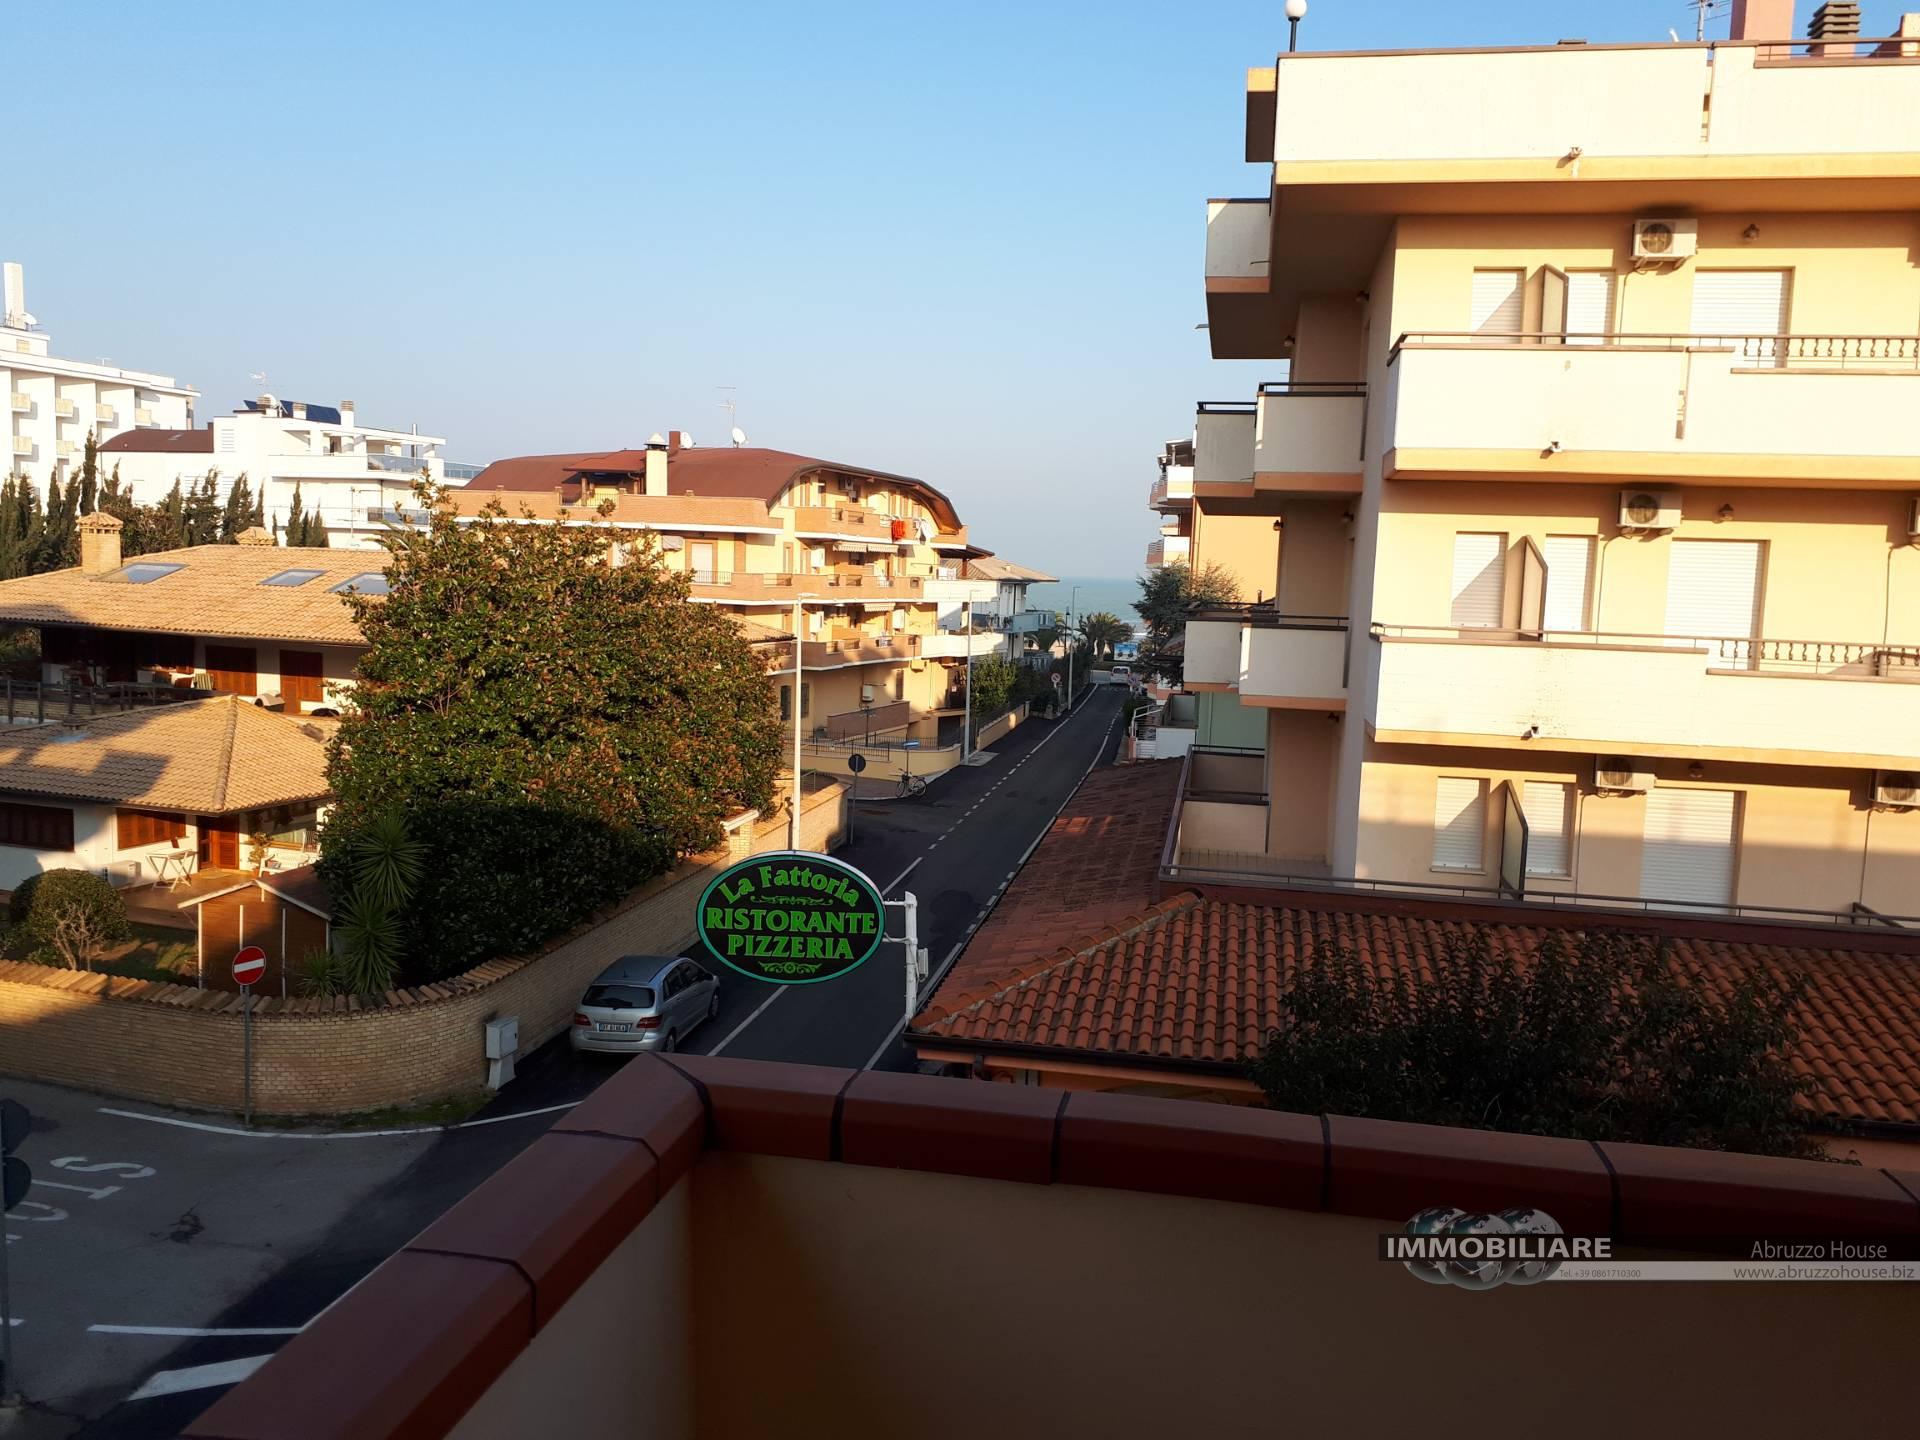 Appartamento in affitto a Alba Adriatica, 3 locali, zona Località: ZonaMare, prezzo € 400   CambioCasa.it